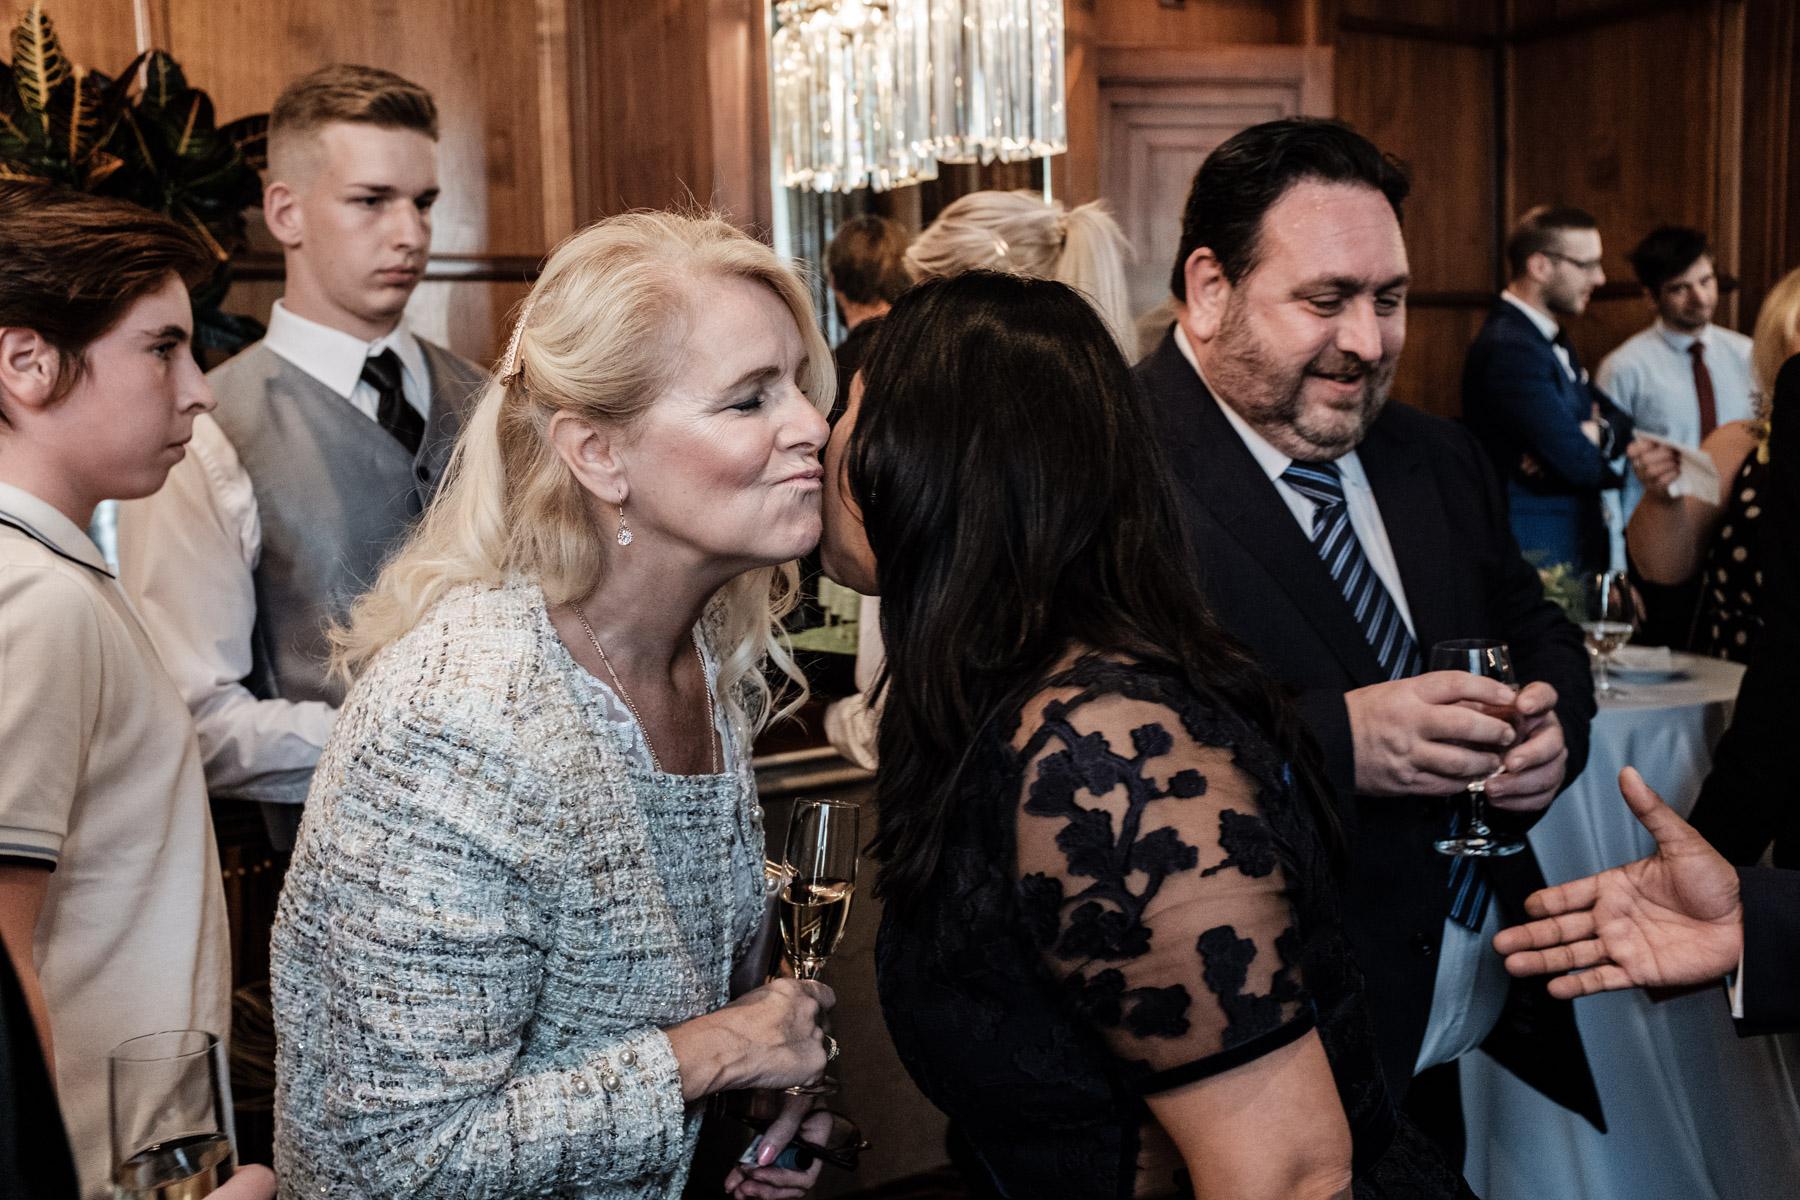 MartinLiebl_Kein_Hochzeitsfotograf_No_Wedding_Photographer_Budapest_Gresham_Palace_030.jpg